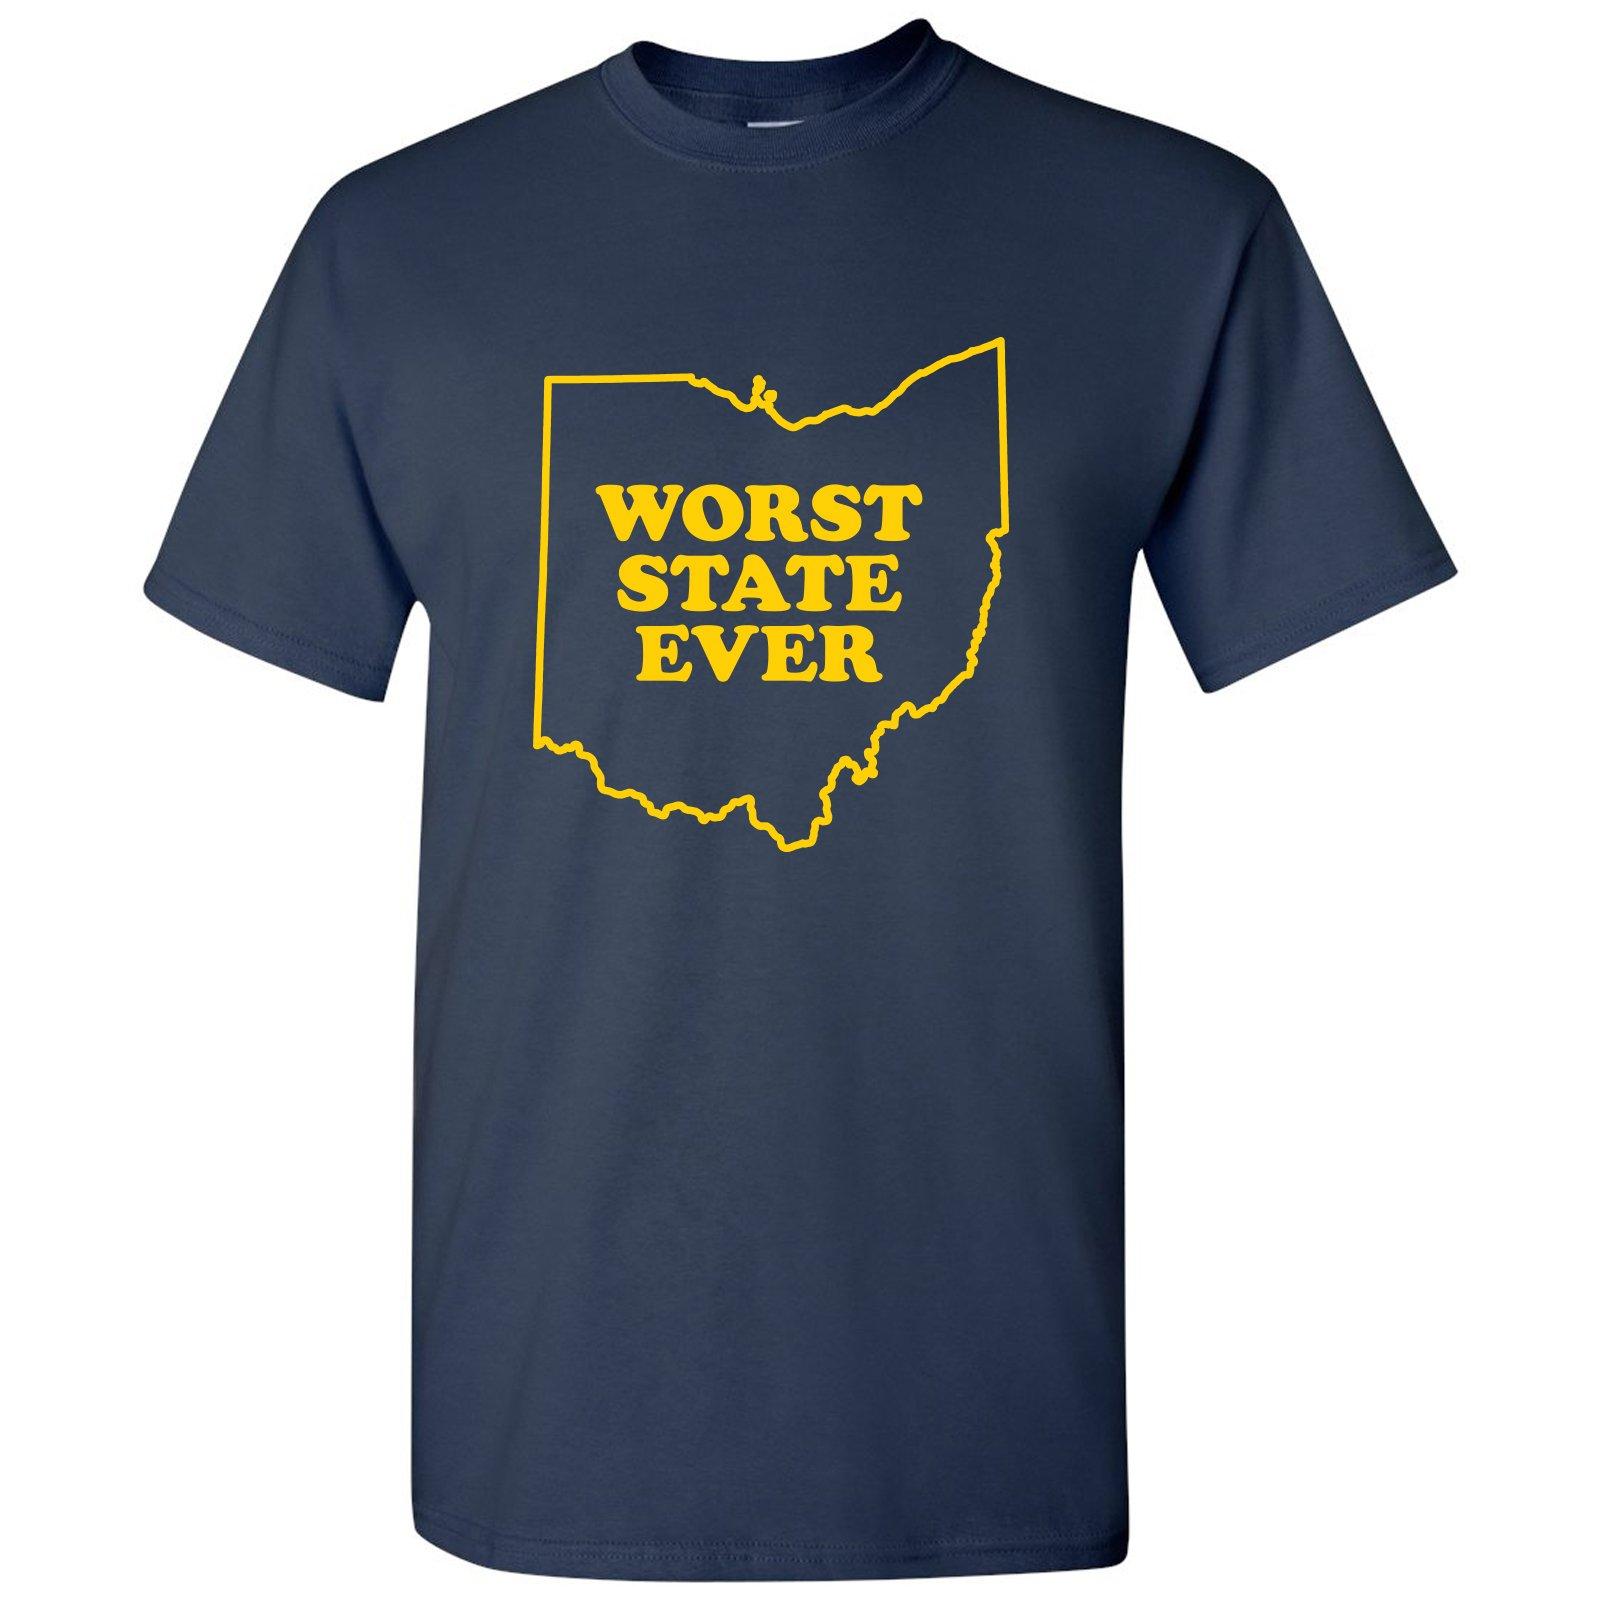 Ohio Worst State Ever Basic Cotton T-Shirt - Large - Navy Blue